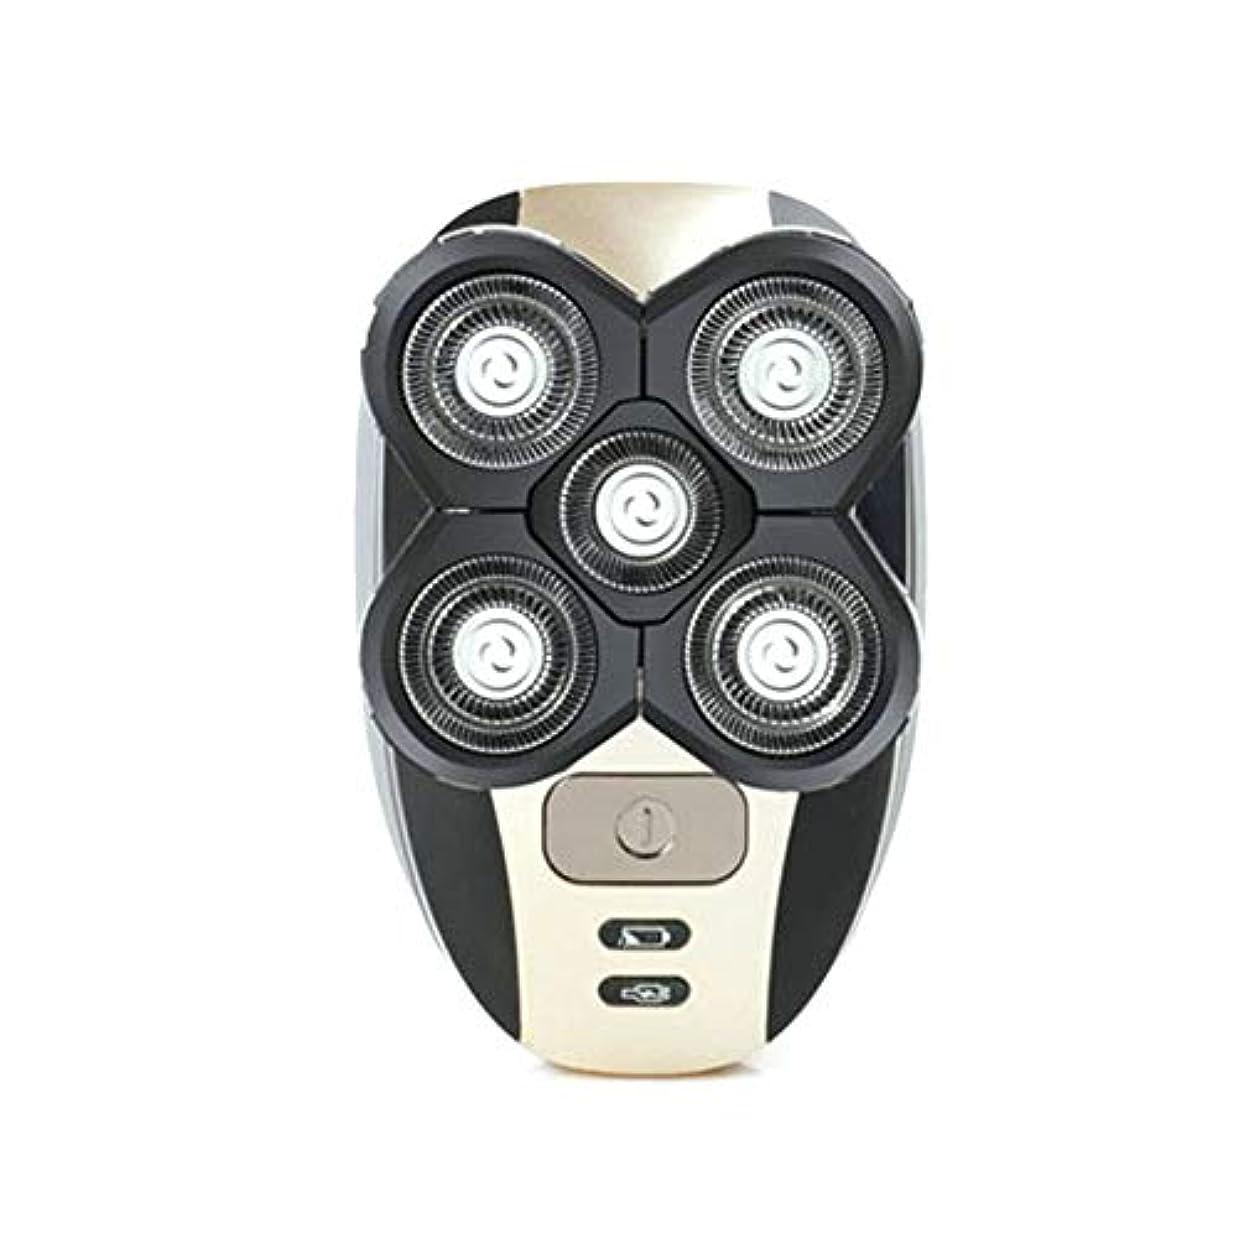 葉罰田舎者男性用カミソリシェーバー電気充電式Balげ頭シェービングマシン-Innovationo